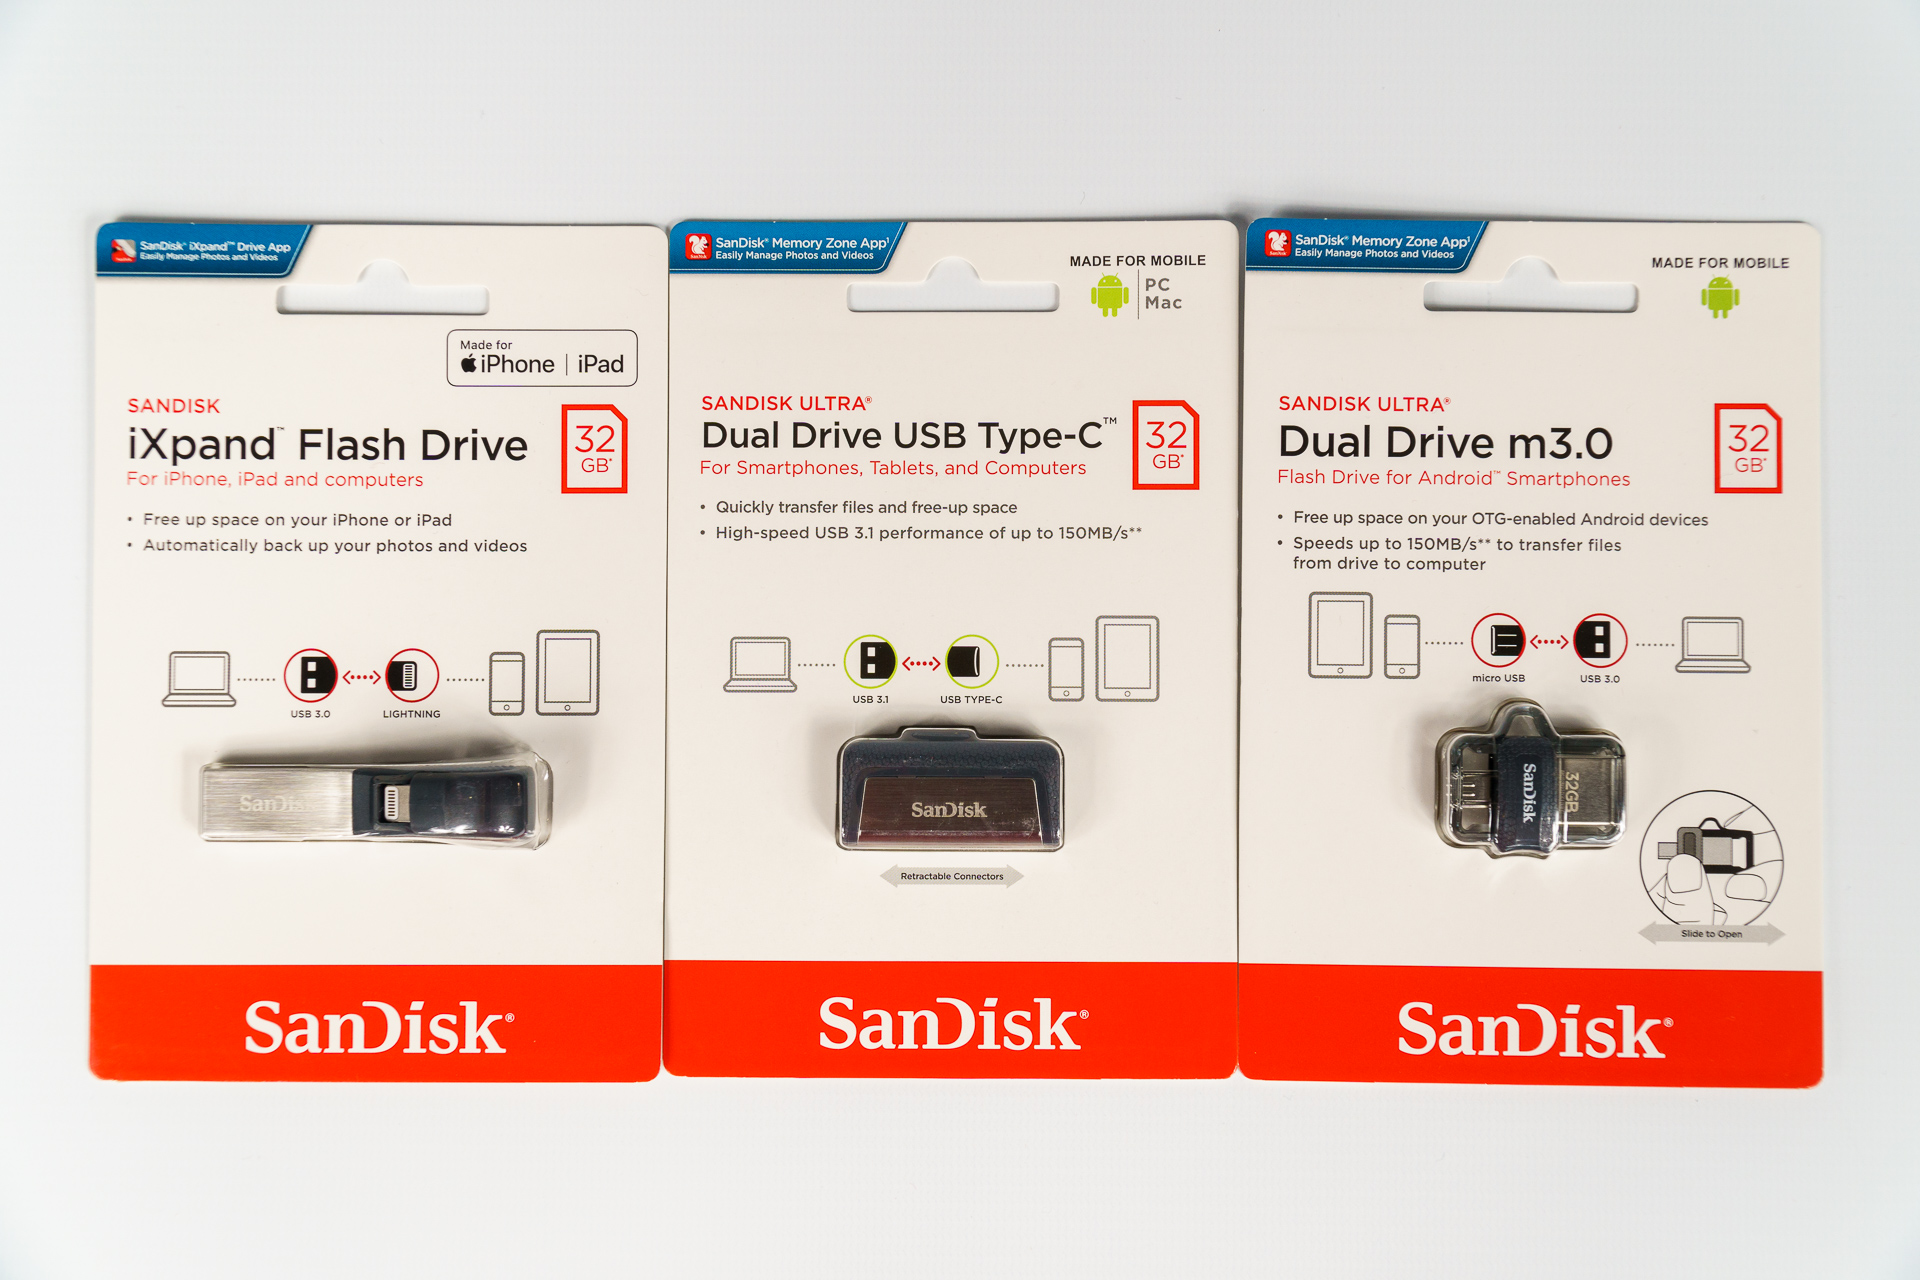 Jak wymieniać dane między PC a smartfonem, korzystając z pendrive'ów SanDisk? 19